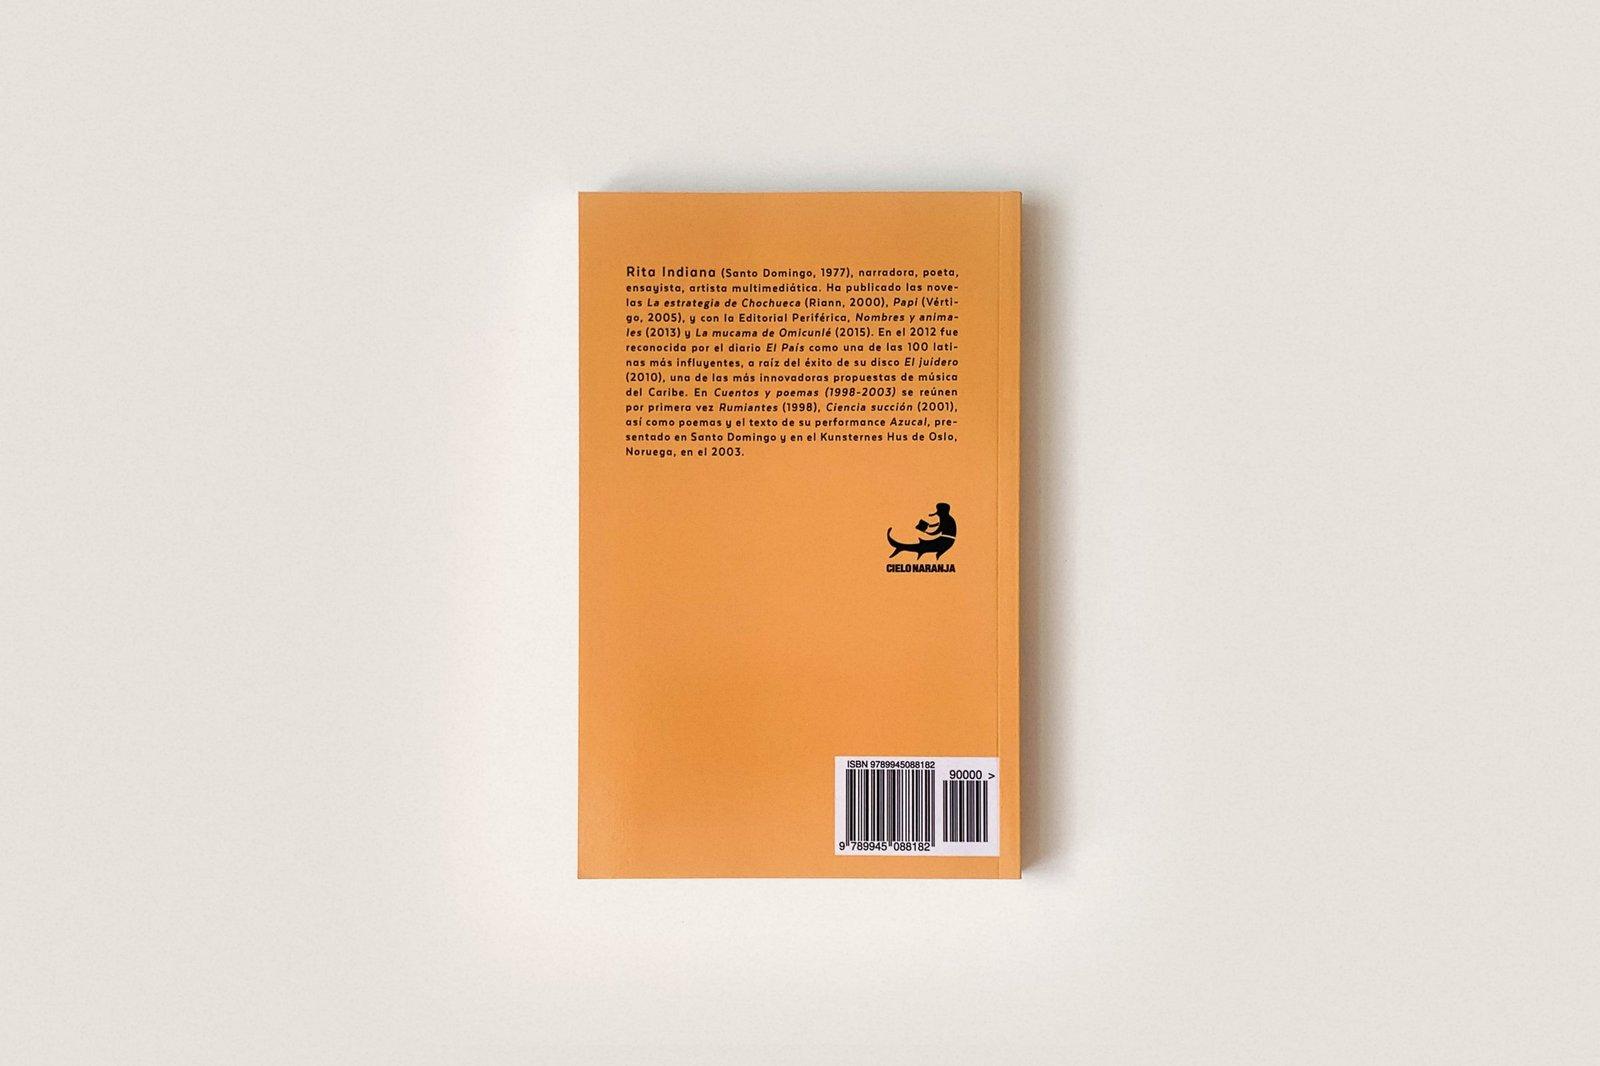 Libro: Cuentos y poemas (1998–2003) — Rita Indiana